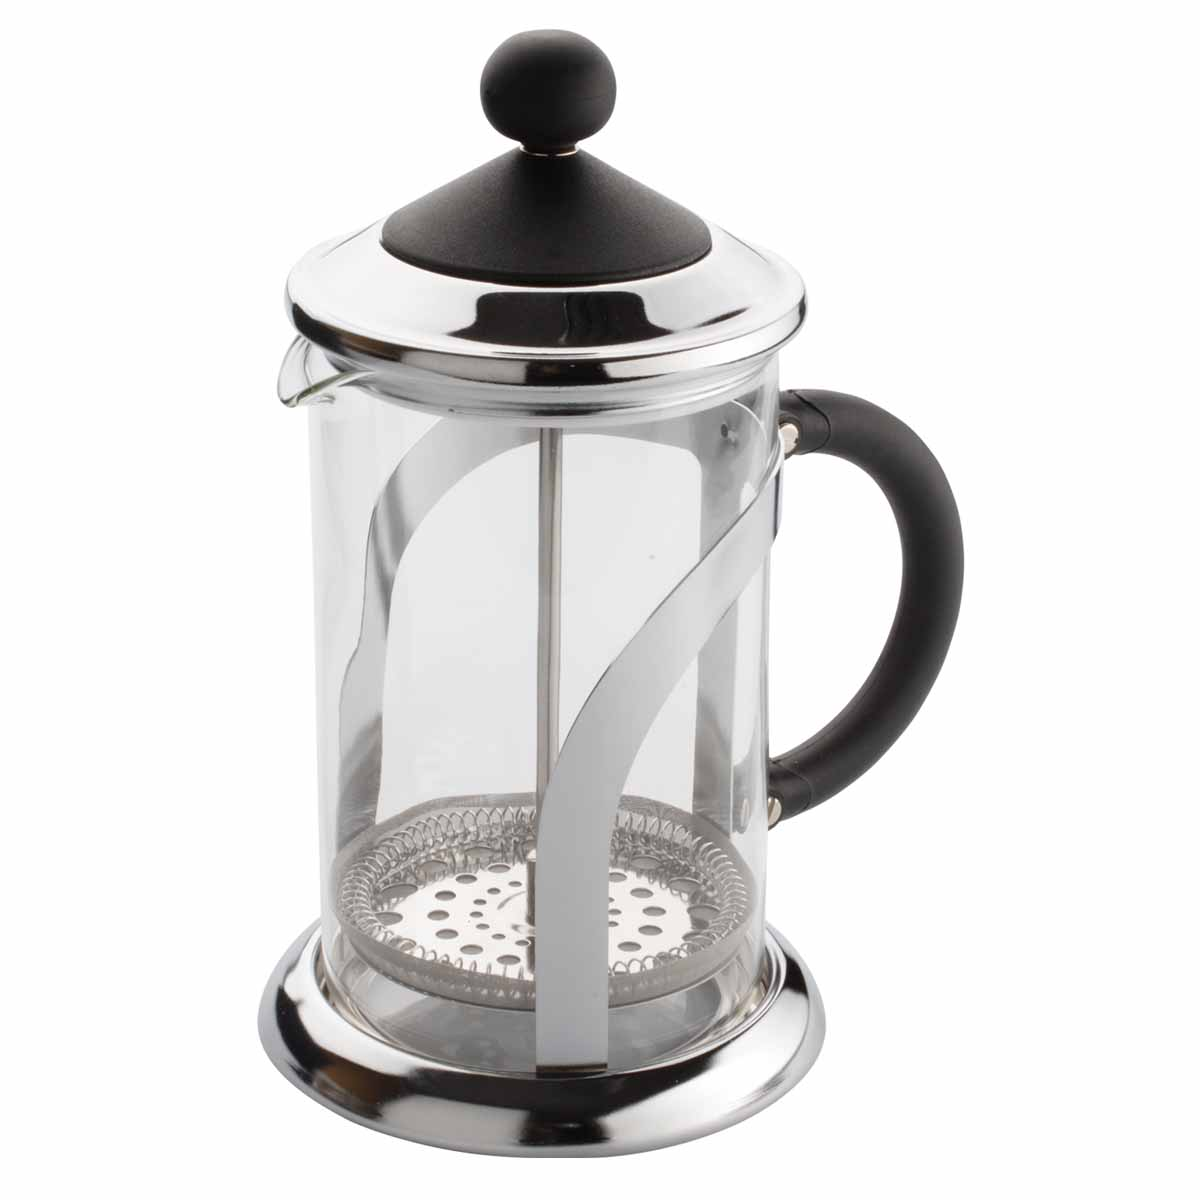 Френч-пресс Dekok, 800 мл. CP-101854 009312Френч-пресс Dekok представляет собой гибрид заварочного чайника и кофейника. Колба выполнена из жаропрочного стекла, корпус, крышка и поршень изготовлены из нержавеющей стали. Изделие легко разбирается и моется. Прозрачные стенки френч-пресса дают возможность наблюдать за насыщением напитка, а поршень позволяет с легкостью отжать самый сок от заварки и получить напиток с насыщенным вкусом. Конструкция носика антикапля удобна для разливания напитков в чашки. Френч-пресс Dekok займет достойное место среди аксессуаров на вашей кухне. Не рекомендуется мыть в посудомоечной машине. Диаметр (по верхнему краю): 9,5 см. Высота чайника (с крышкой): 23 см.